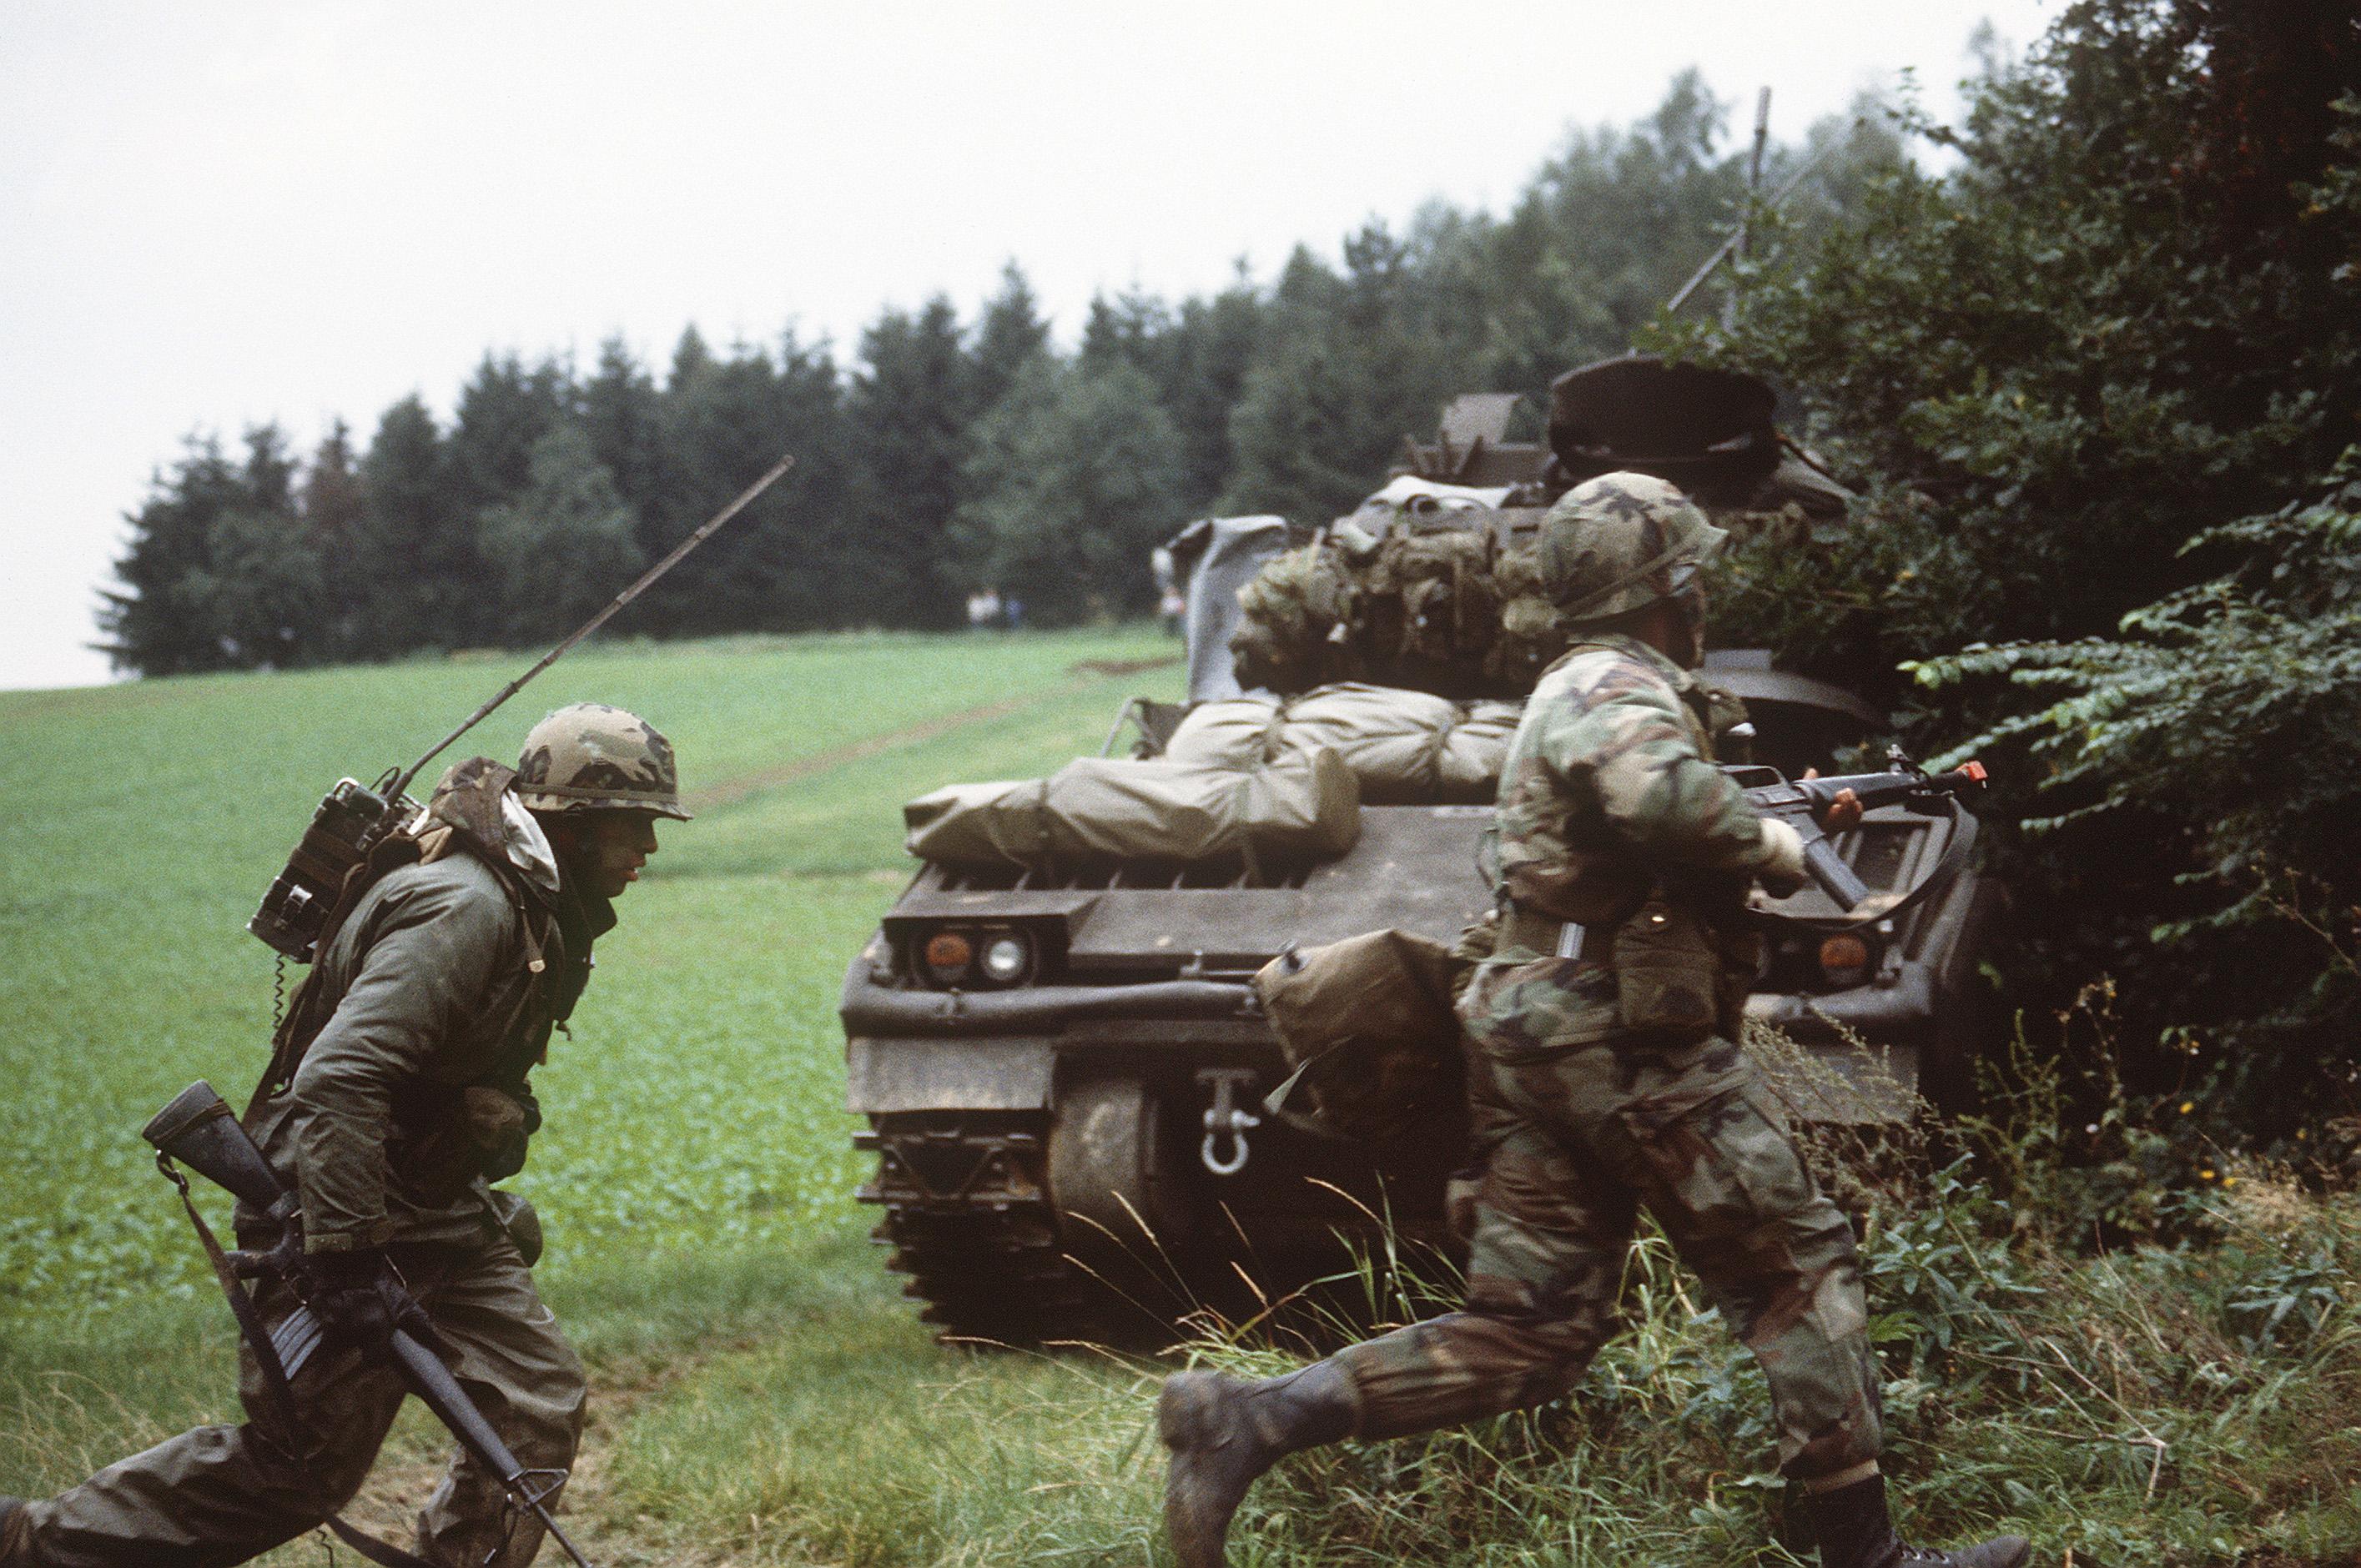 Partie du 10 mars  : Neuenstein, au nord de Bad Hersfeld, 1984 M2_Bradley_and_Infantry_Reforger_1984